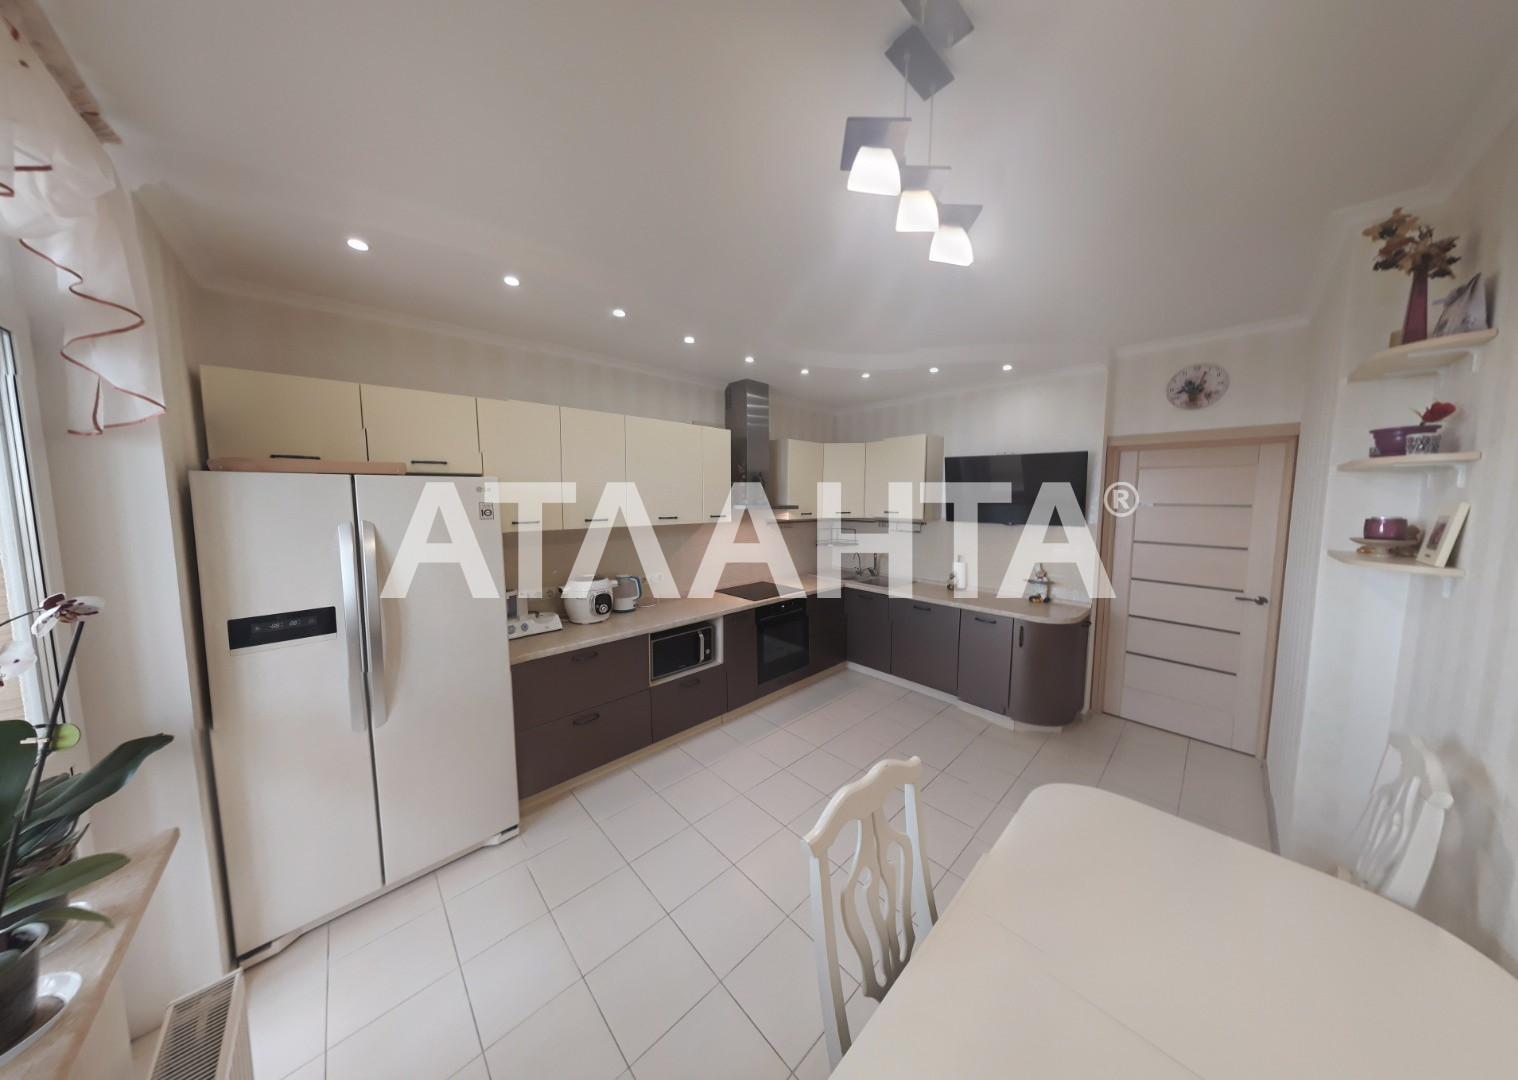 Продается 3-комнатная Квартира на ул. Ул. Максимовича — 153 000 у.е. (фото №2)